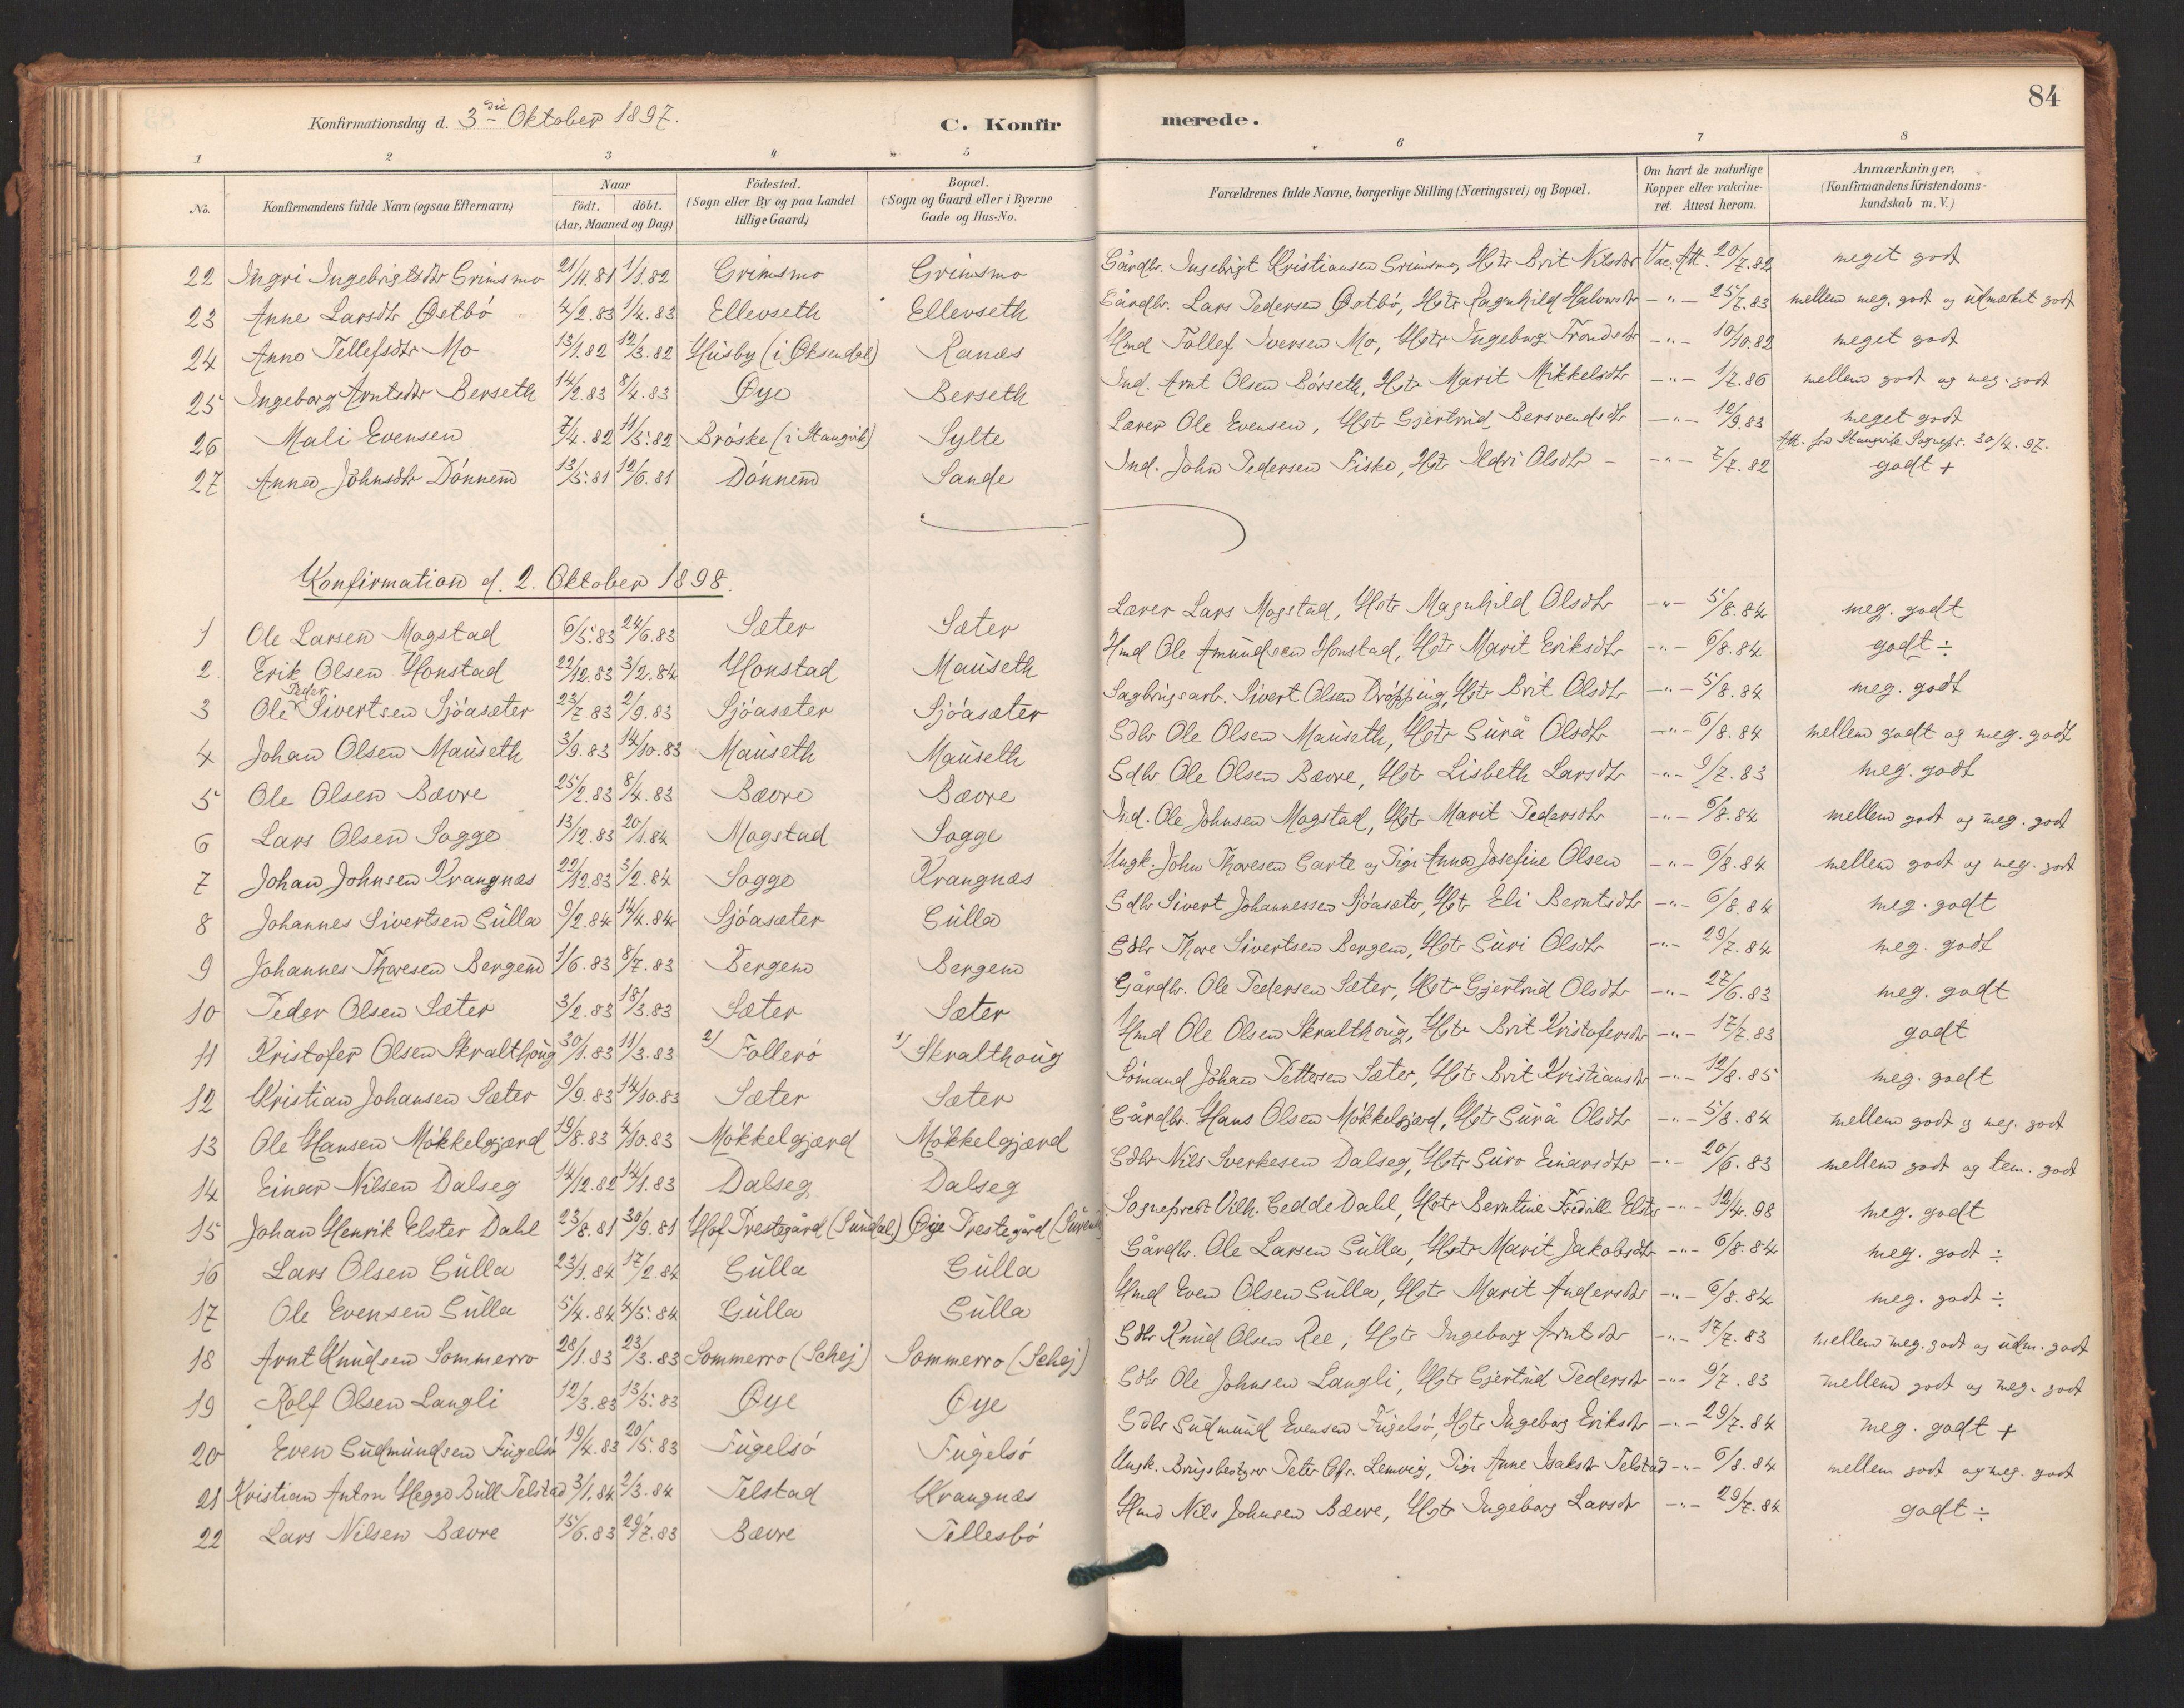 SAT, Ministerialprotokoller, klokkerbøker og fødselsregistre - Møre og Romsdal, 596/L1056: Ministerialbok nr. 596A01, 1885-1900, s. 84